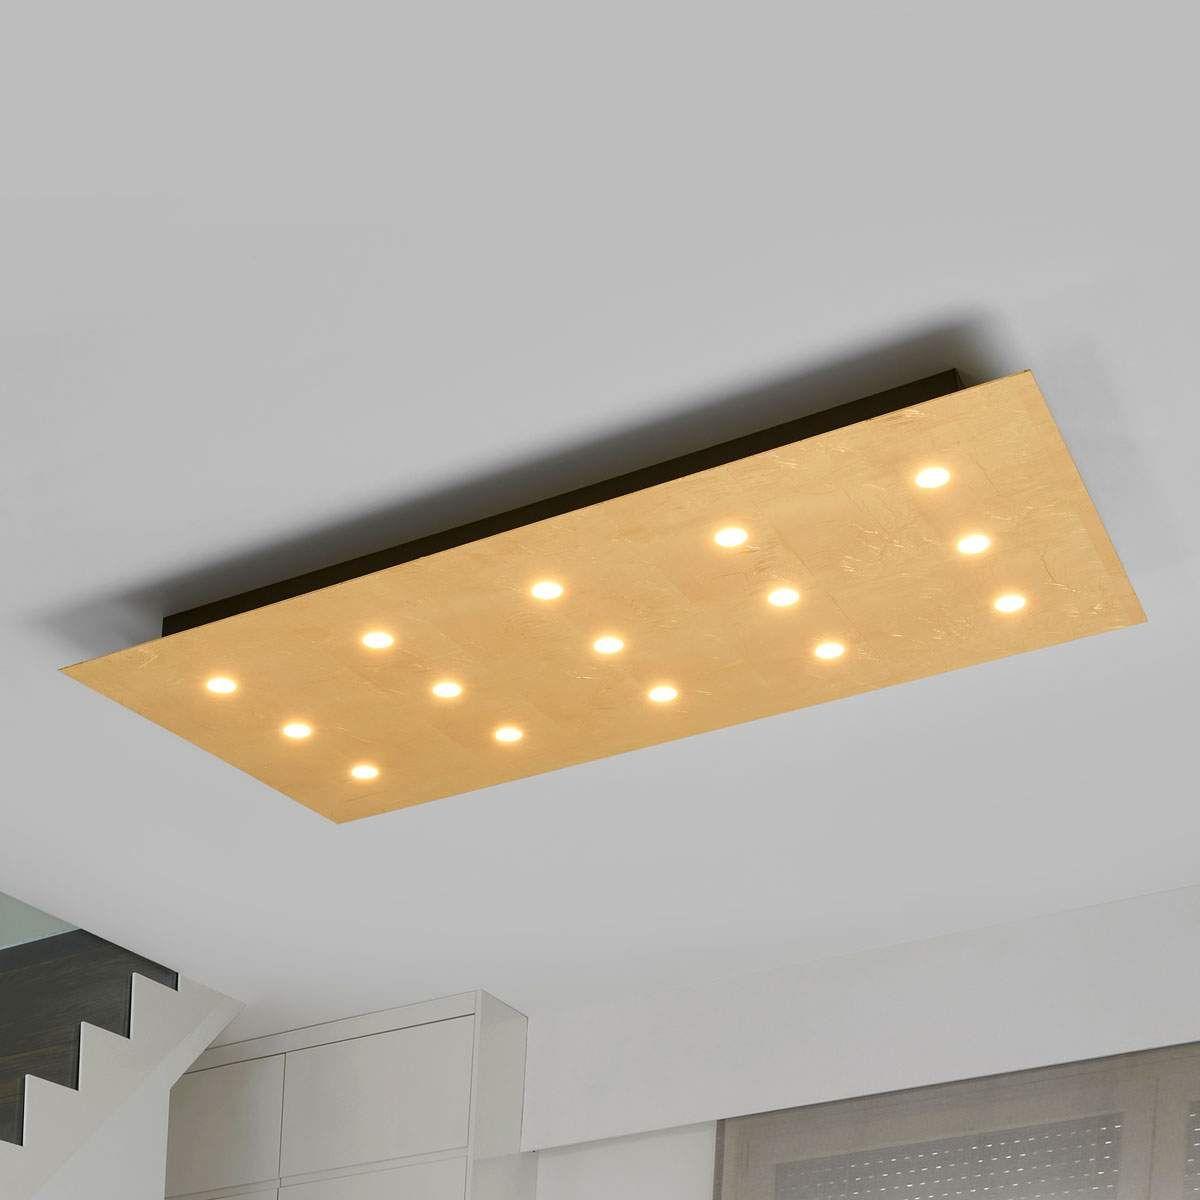 Mit 15 Leds Dimmbare Deckenleuchte Juri In Gold Von Lampenwelt Com Beleuchtung Decke Dekorative Lampen Wohnraum Beleuchtung